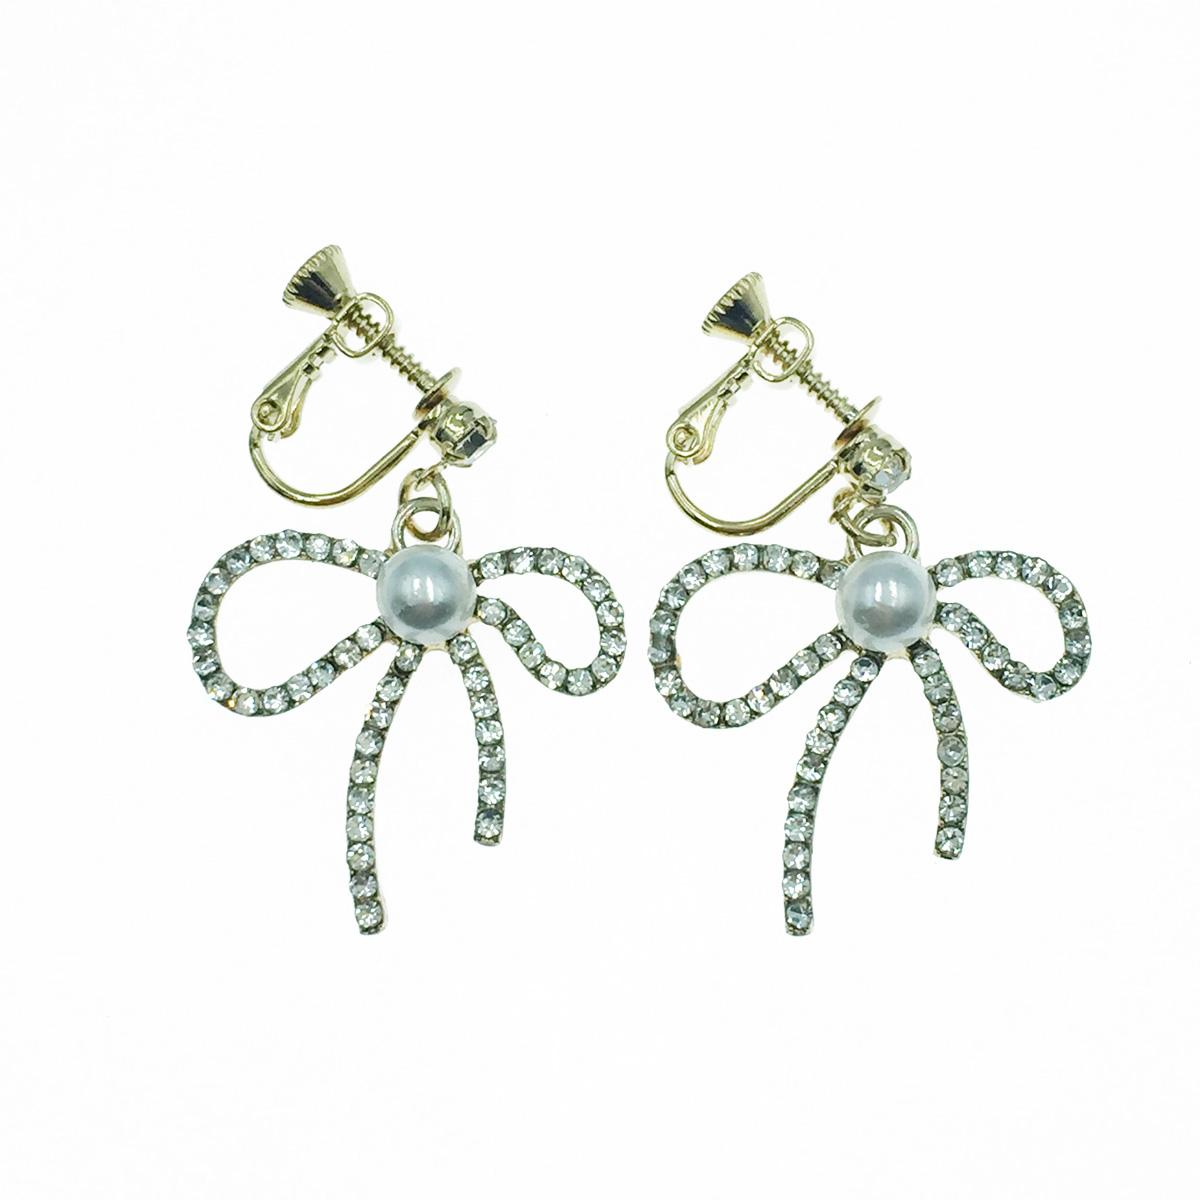 韓國 水鑽 蝴蝶結 簍空 珍珠 甜美款 垂墜感 夾式耳環